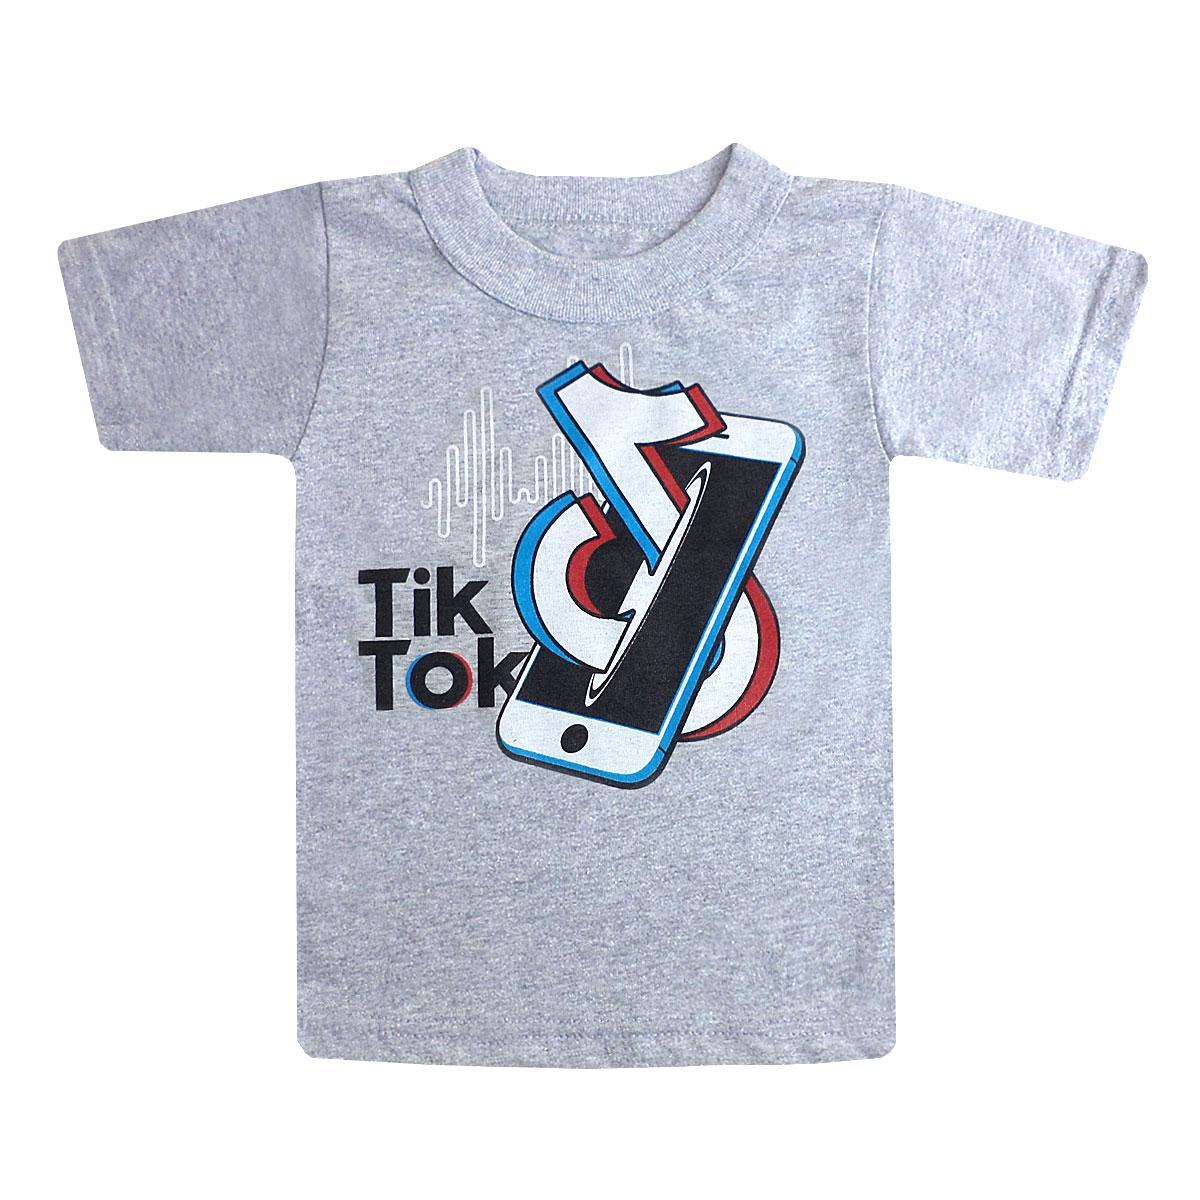 Дитяча футболка з принтом Tik Tok для хлопчика кулір